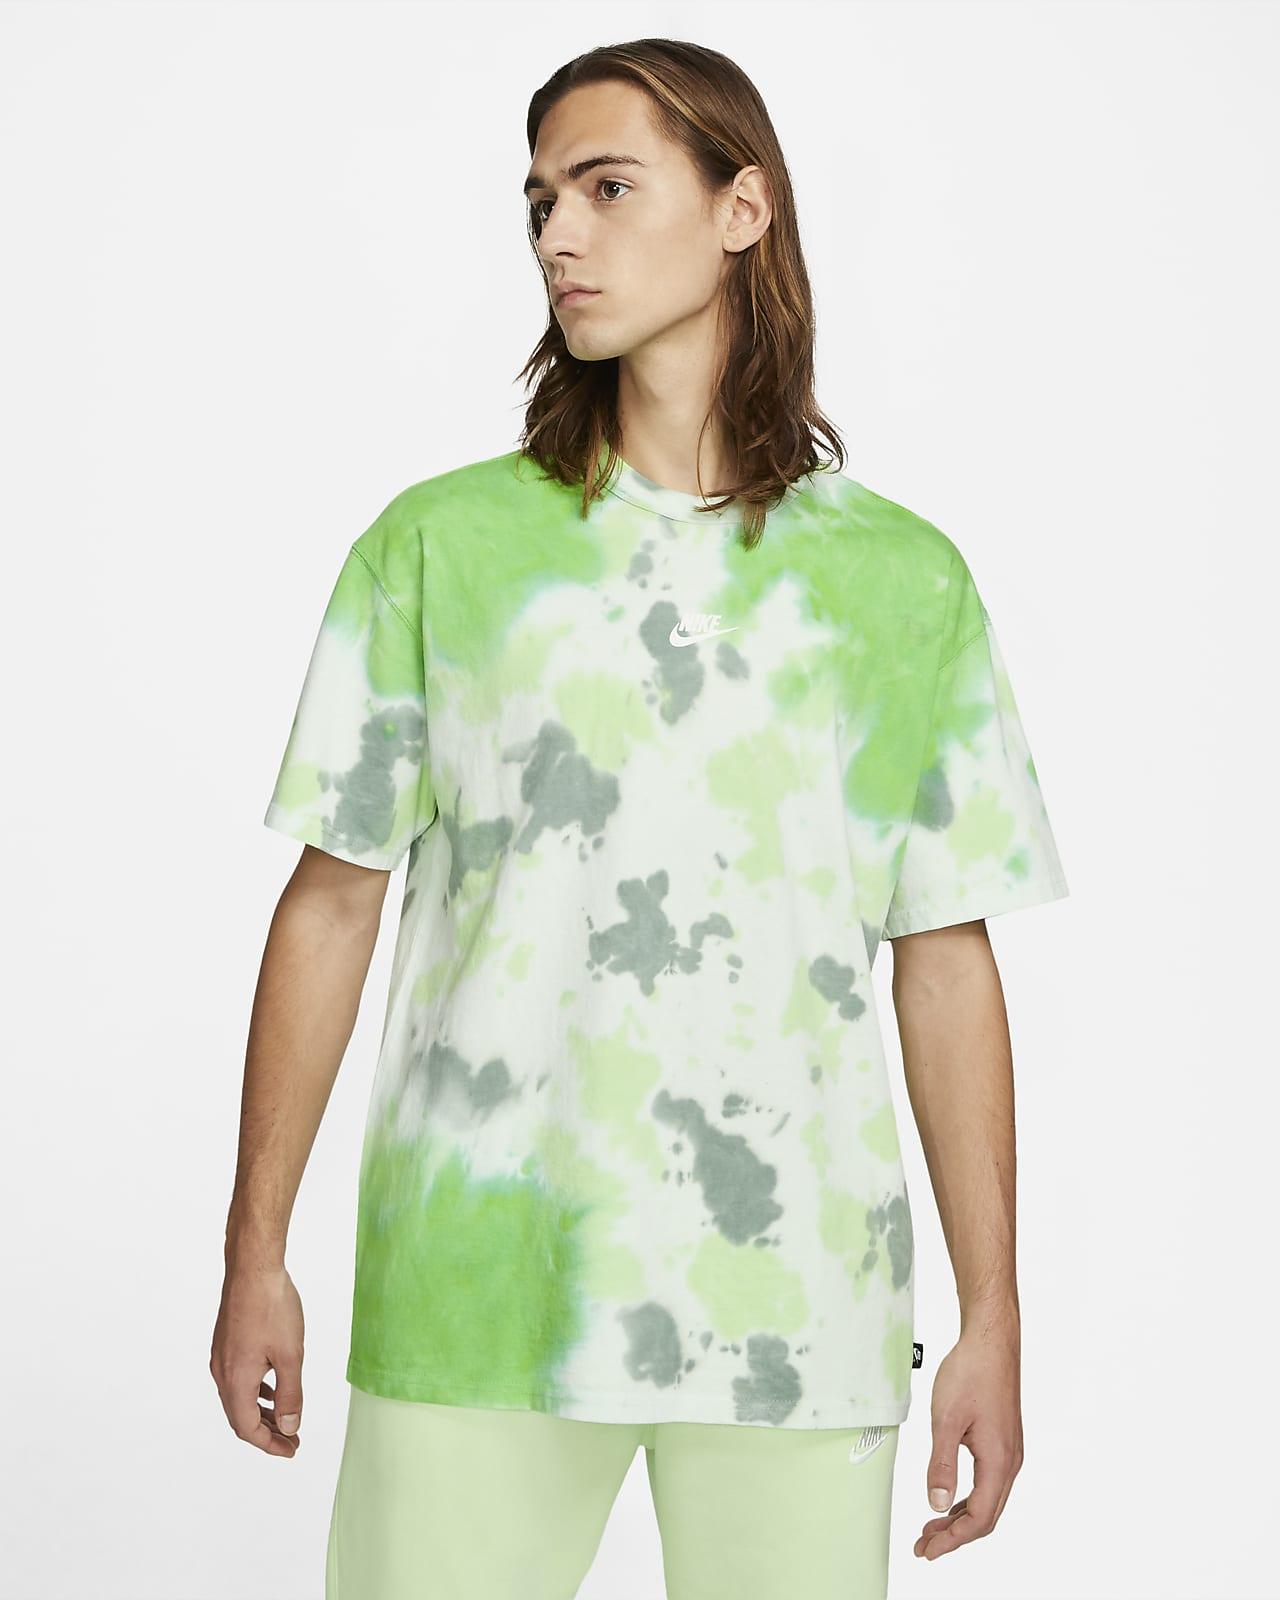 Nike Sportswear Men's Tie-Dye T-Shirt